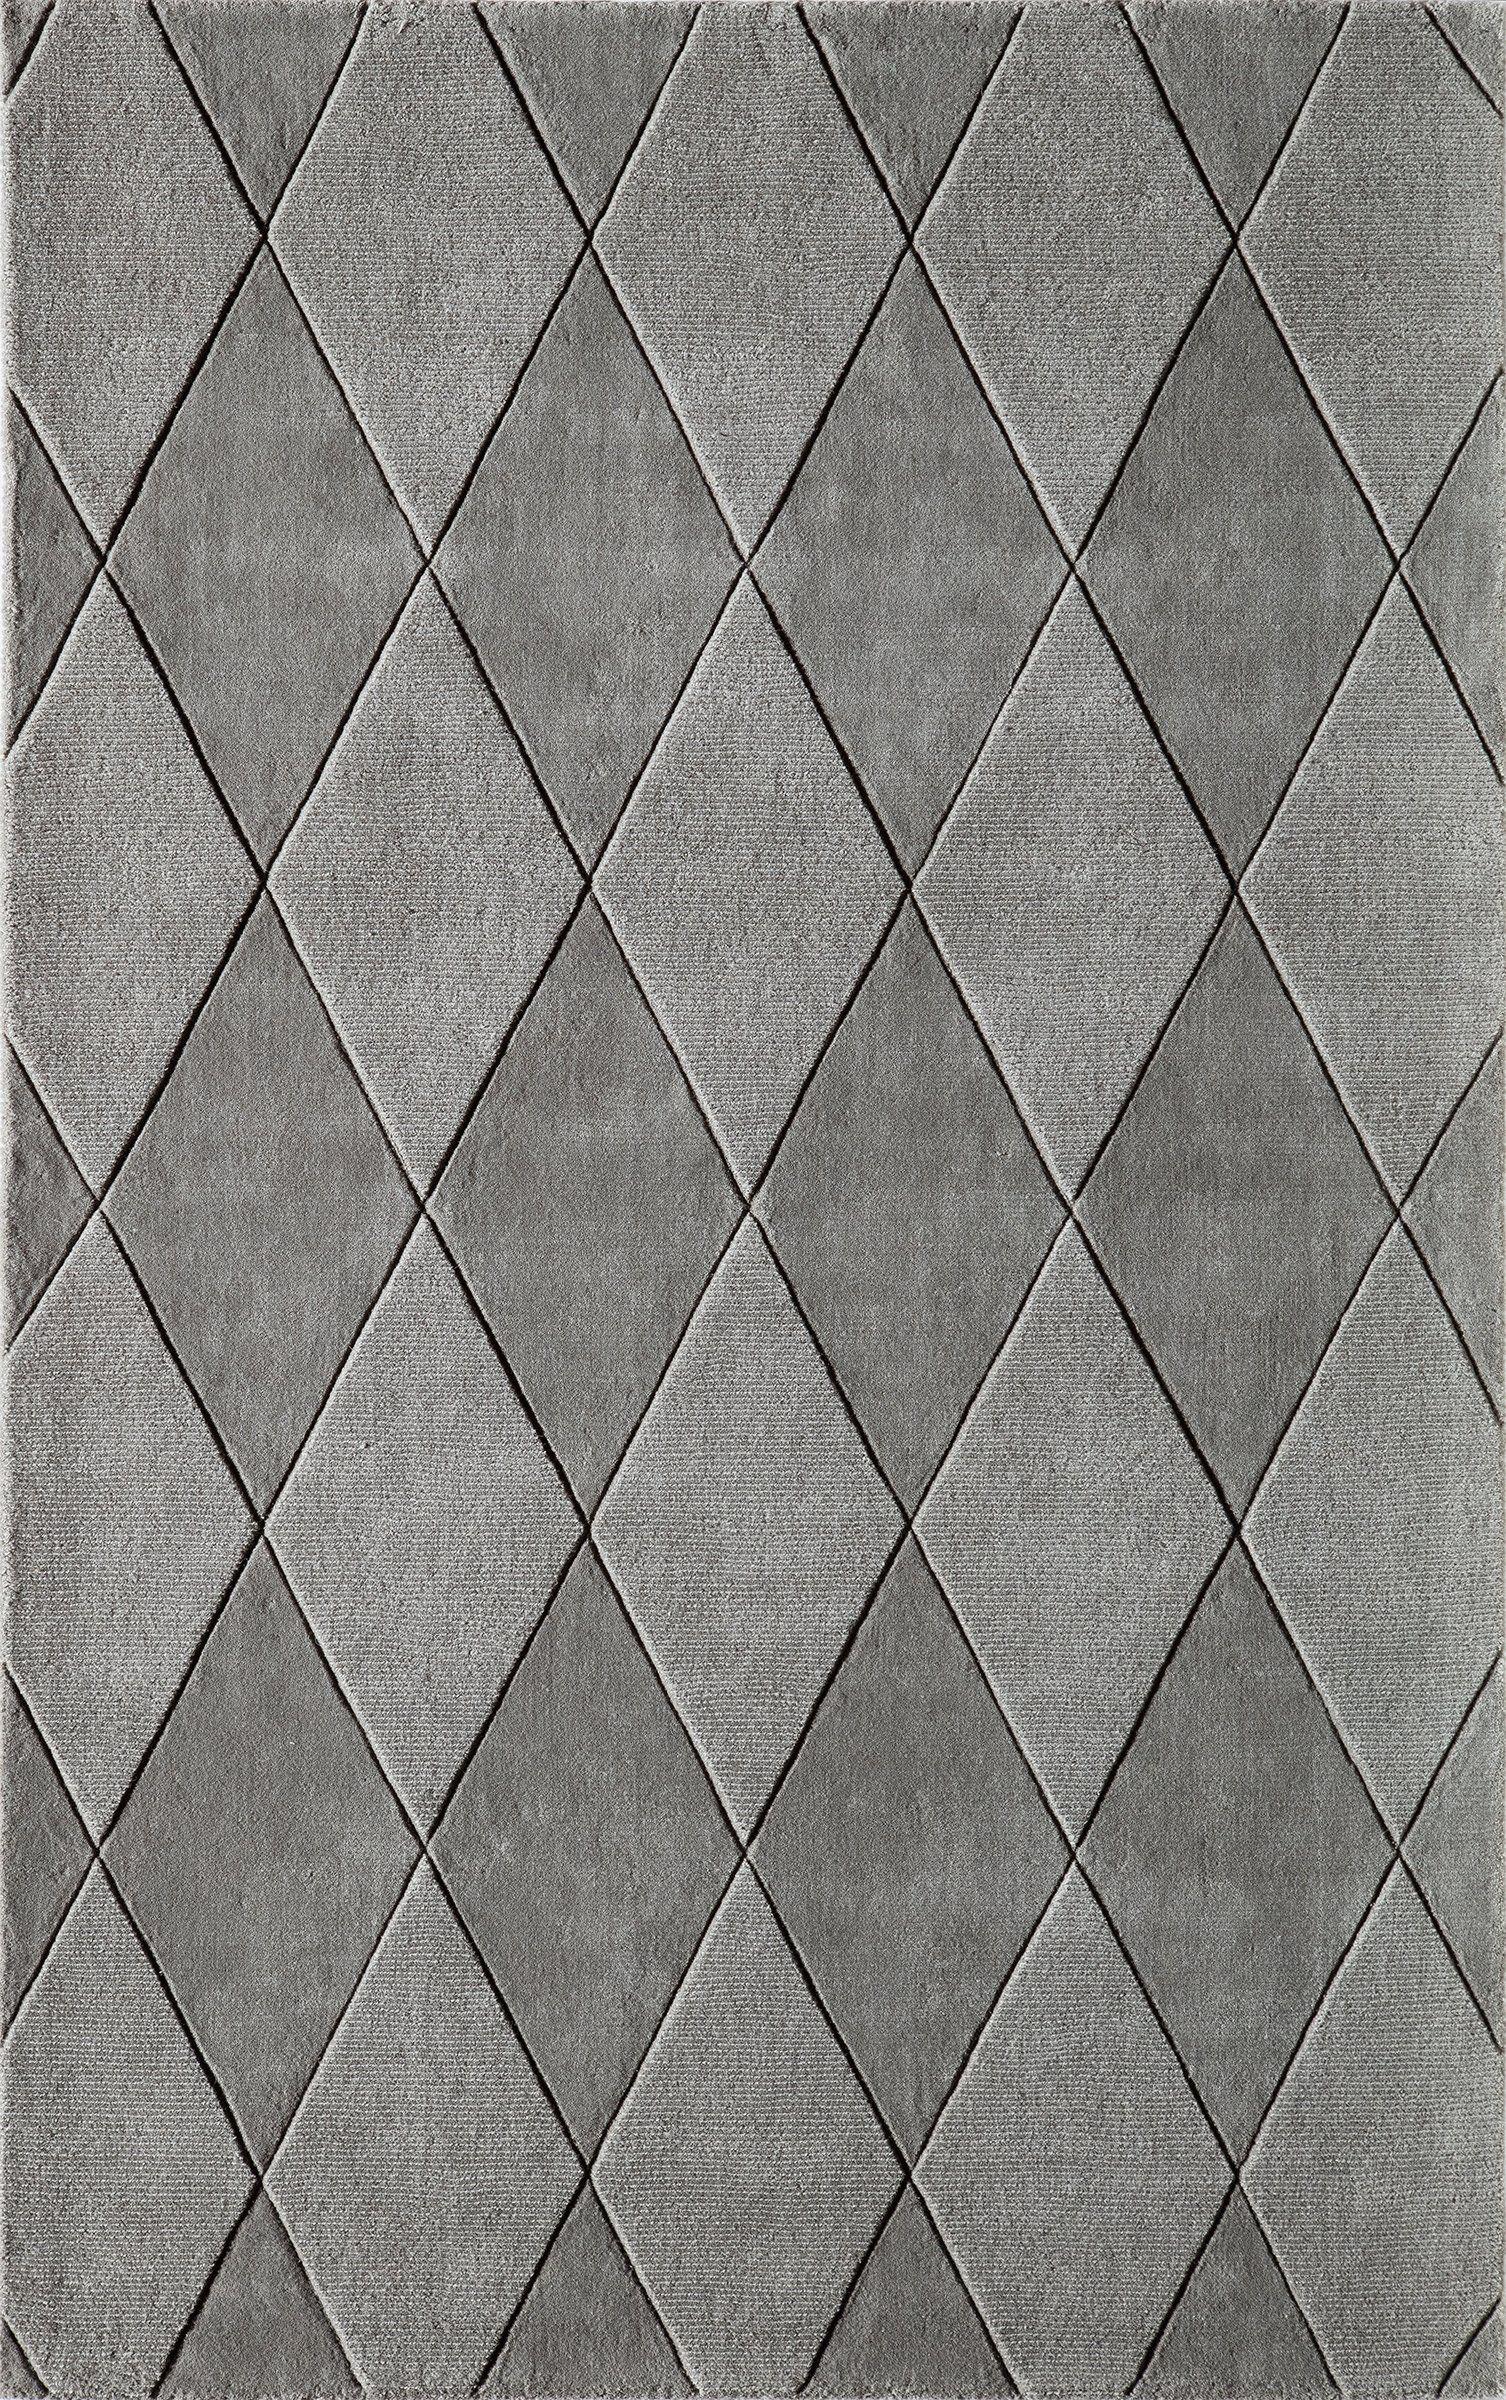 Momeni Metro Mt 26 Area Rug En 2020 Pisos Textura Texturas Textura